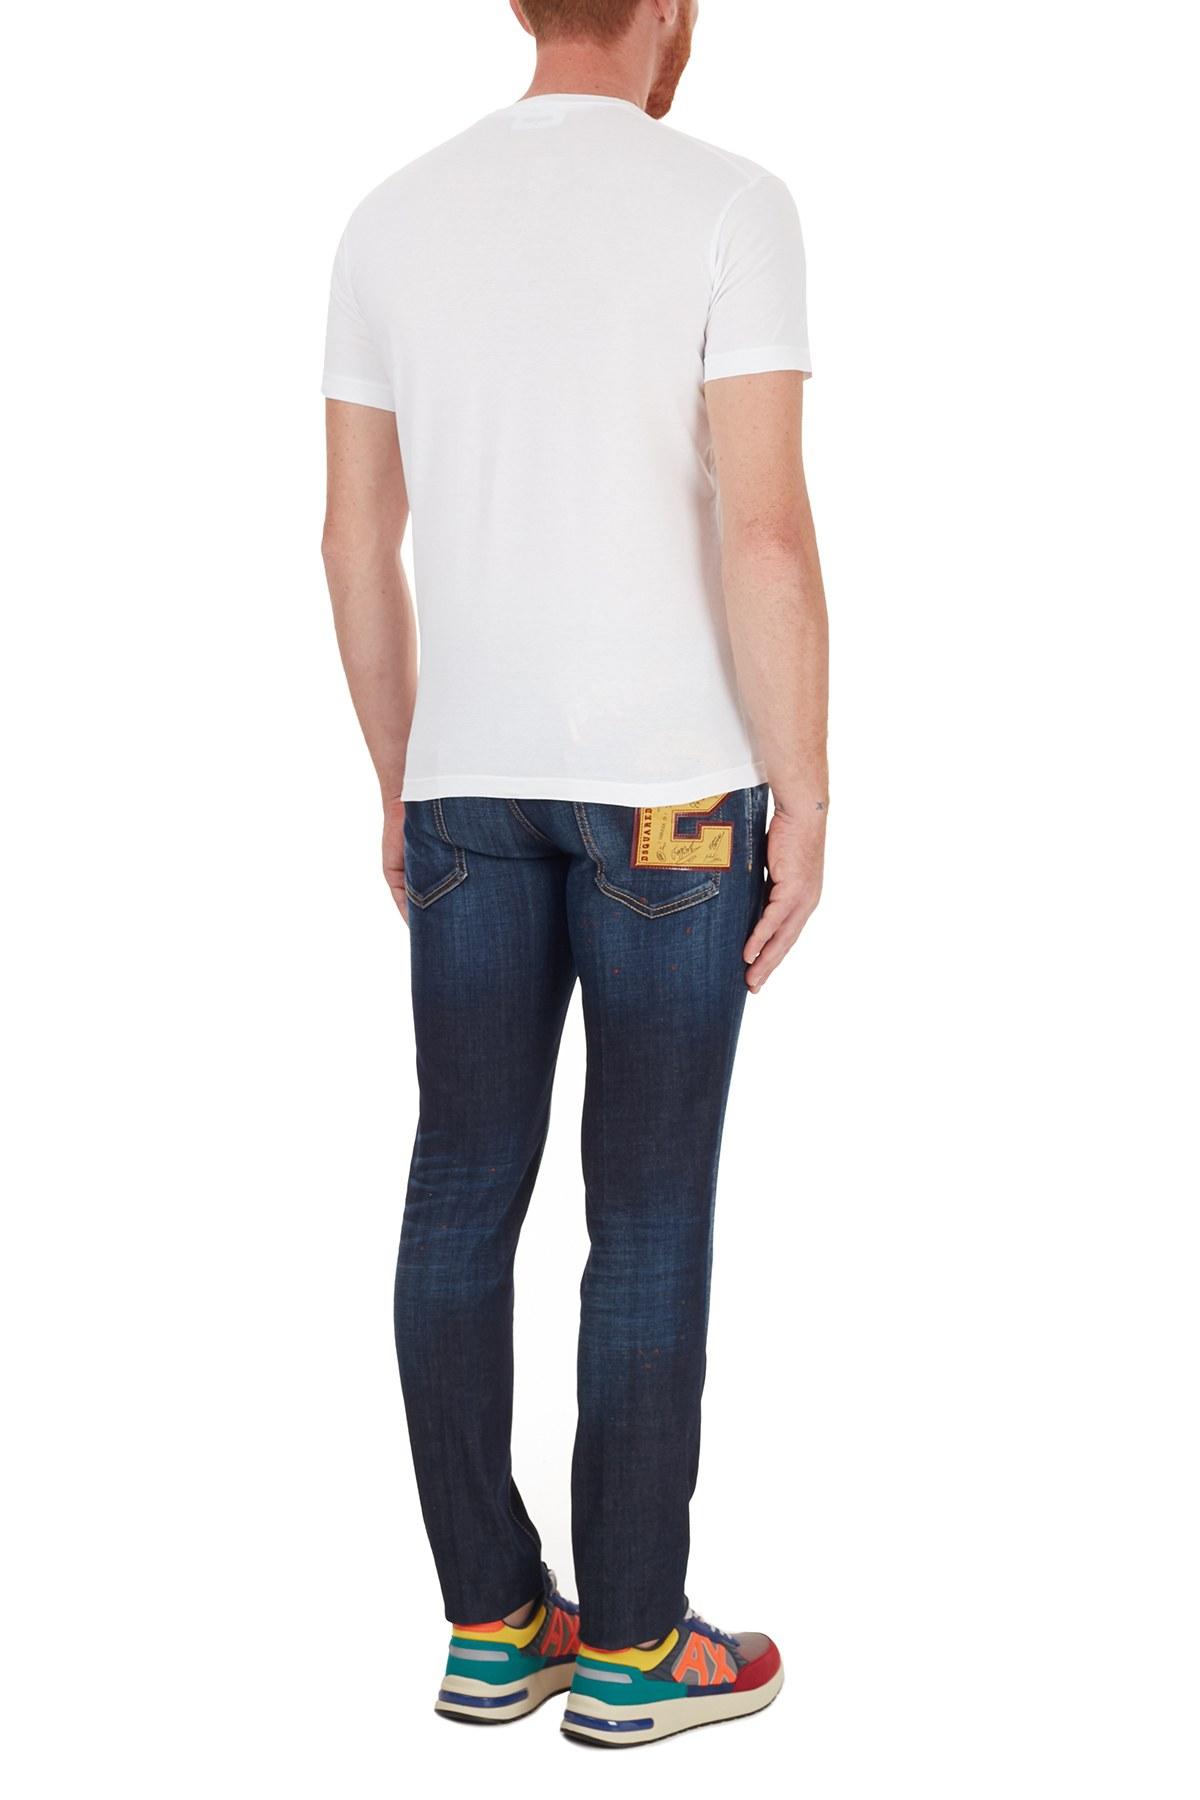 Dsquared2 Jeans Erkek Kot Pantolon S74LB0765 S30664 470 LACİVERT